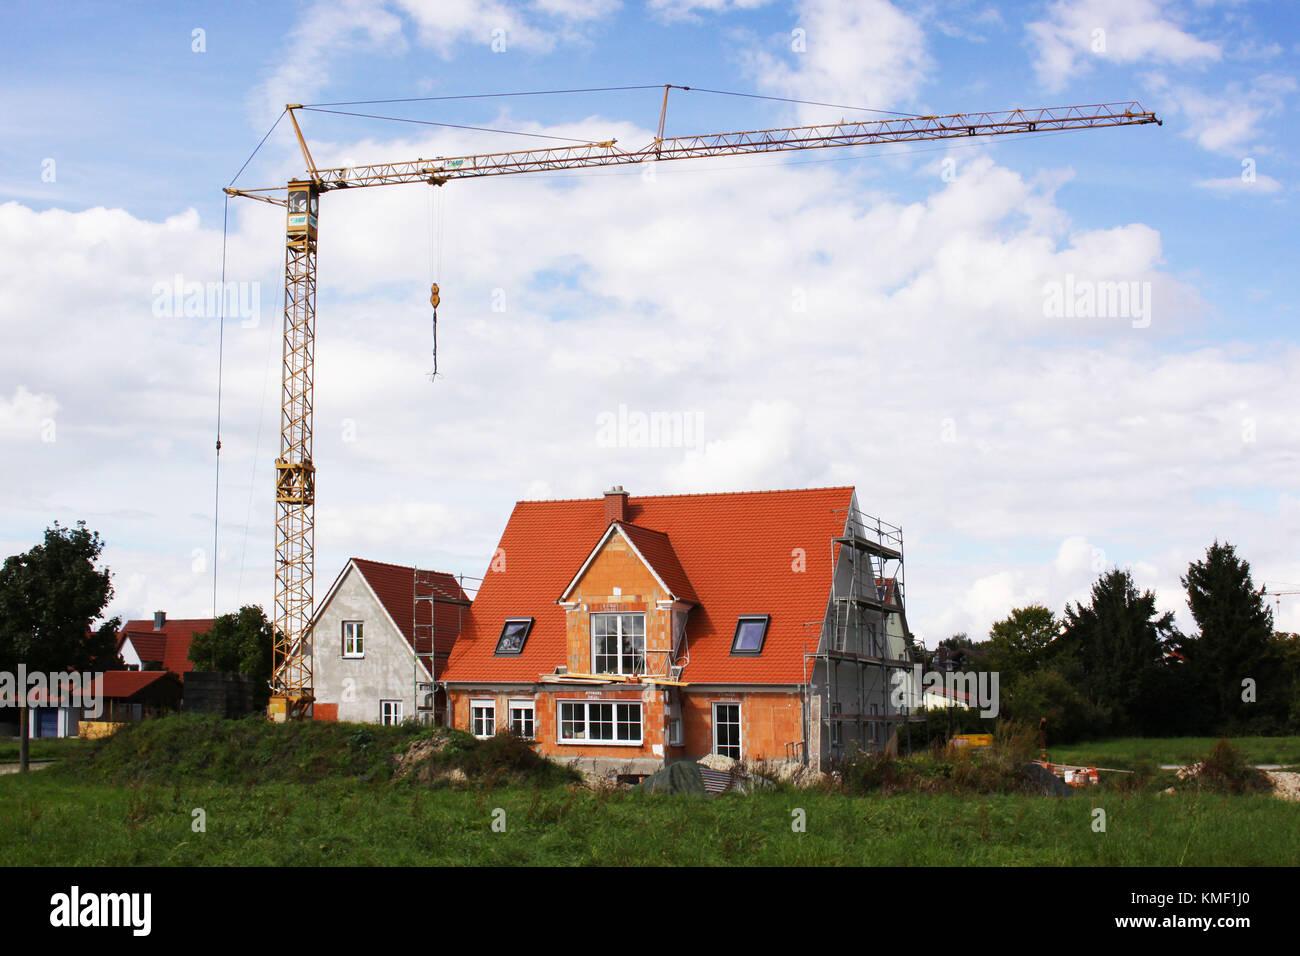 Wohnbau stockfotos wohnbau bilder alamy for Wohnhaus bauen